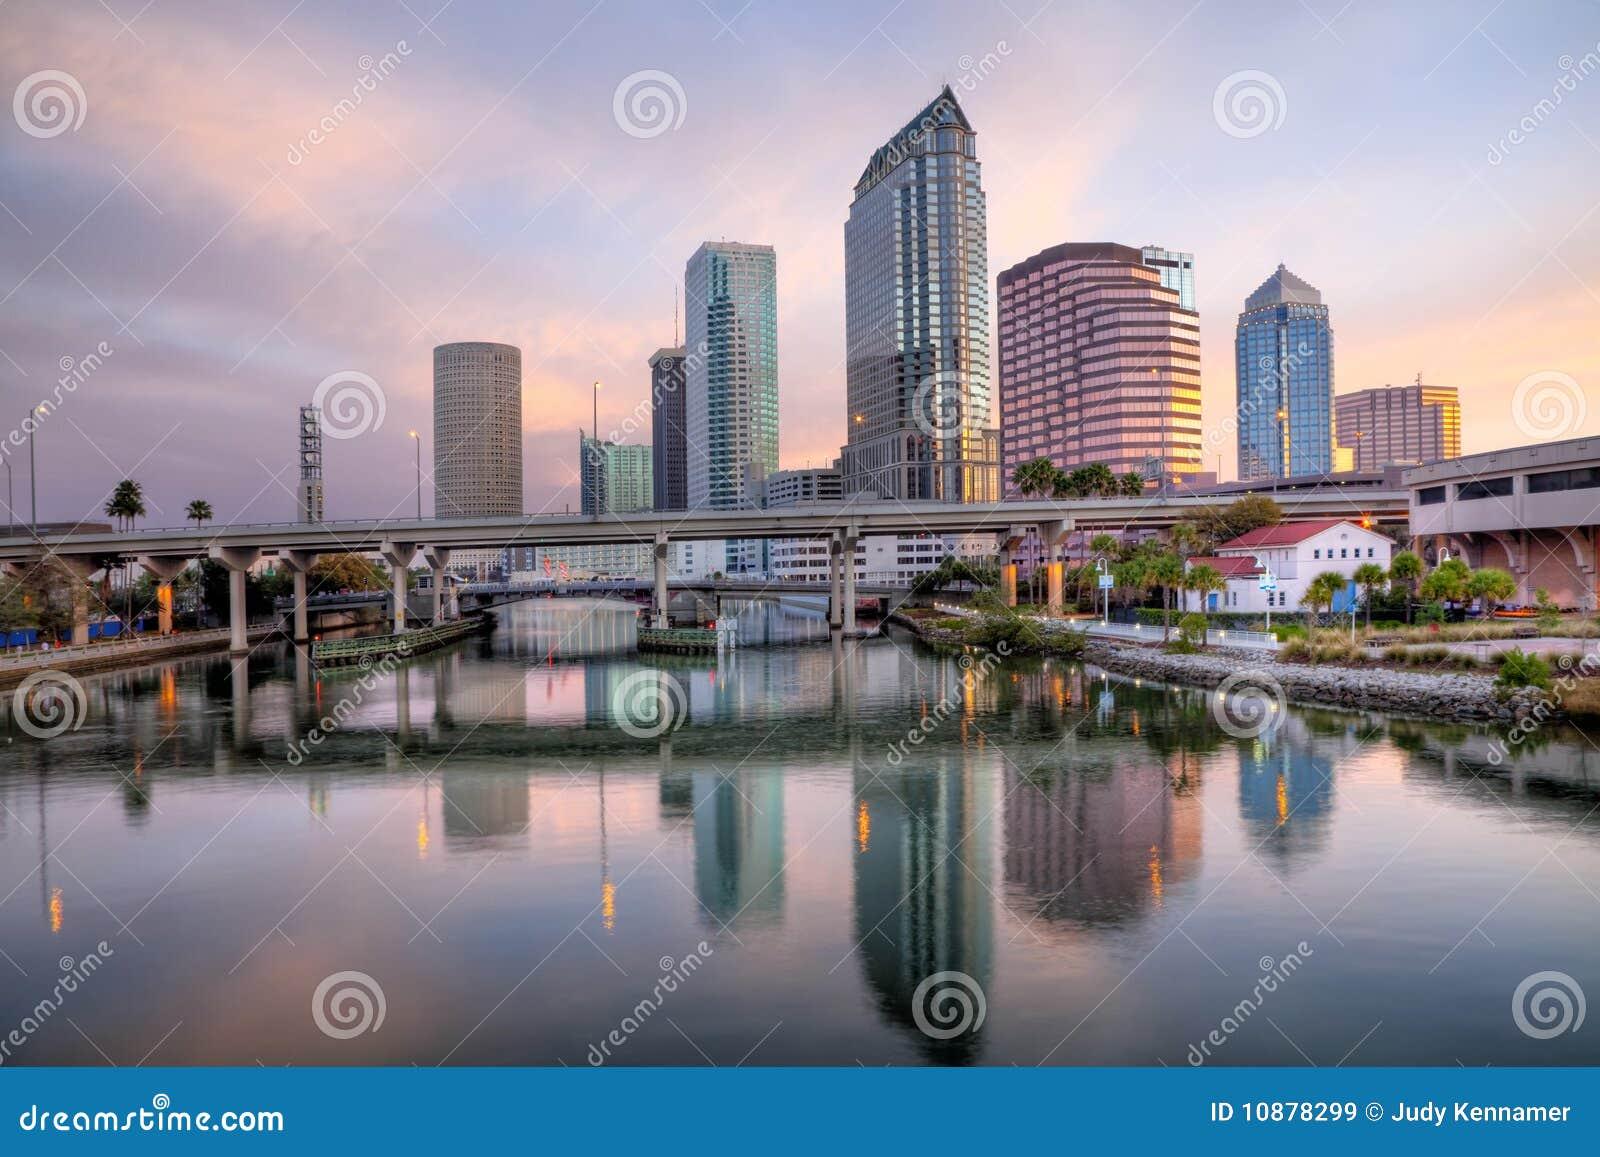 Pejzaż miejski wschód słońca Tampa